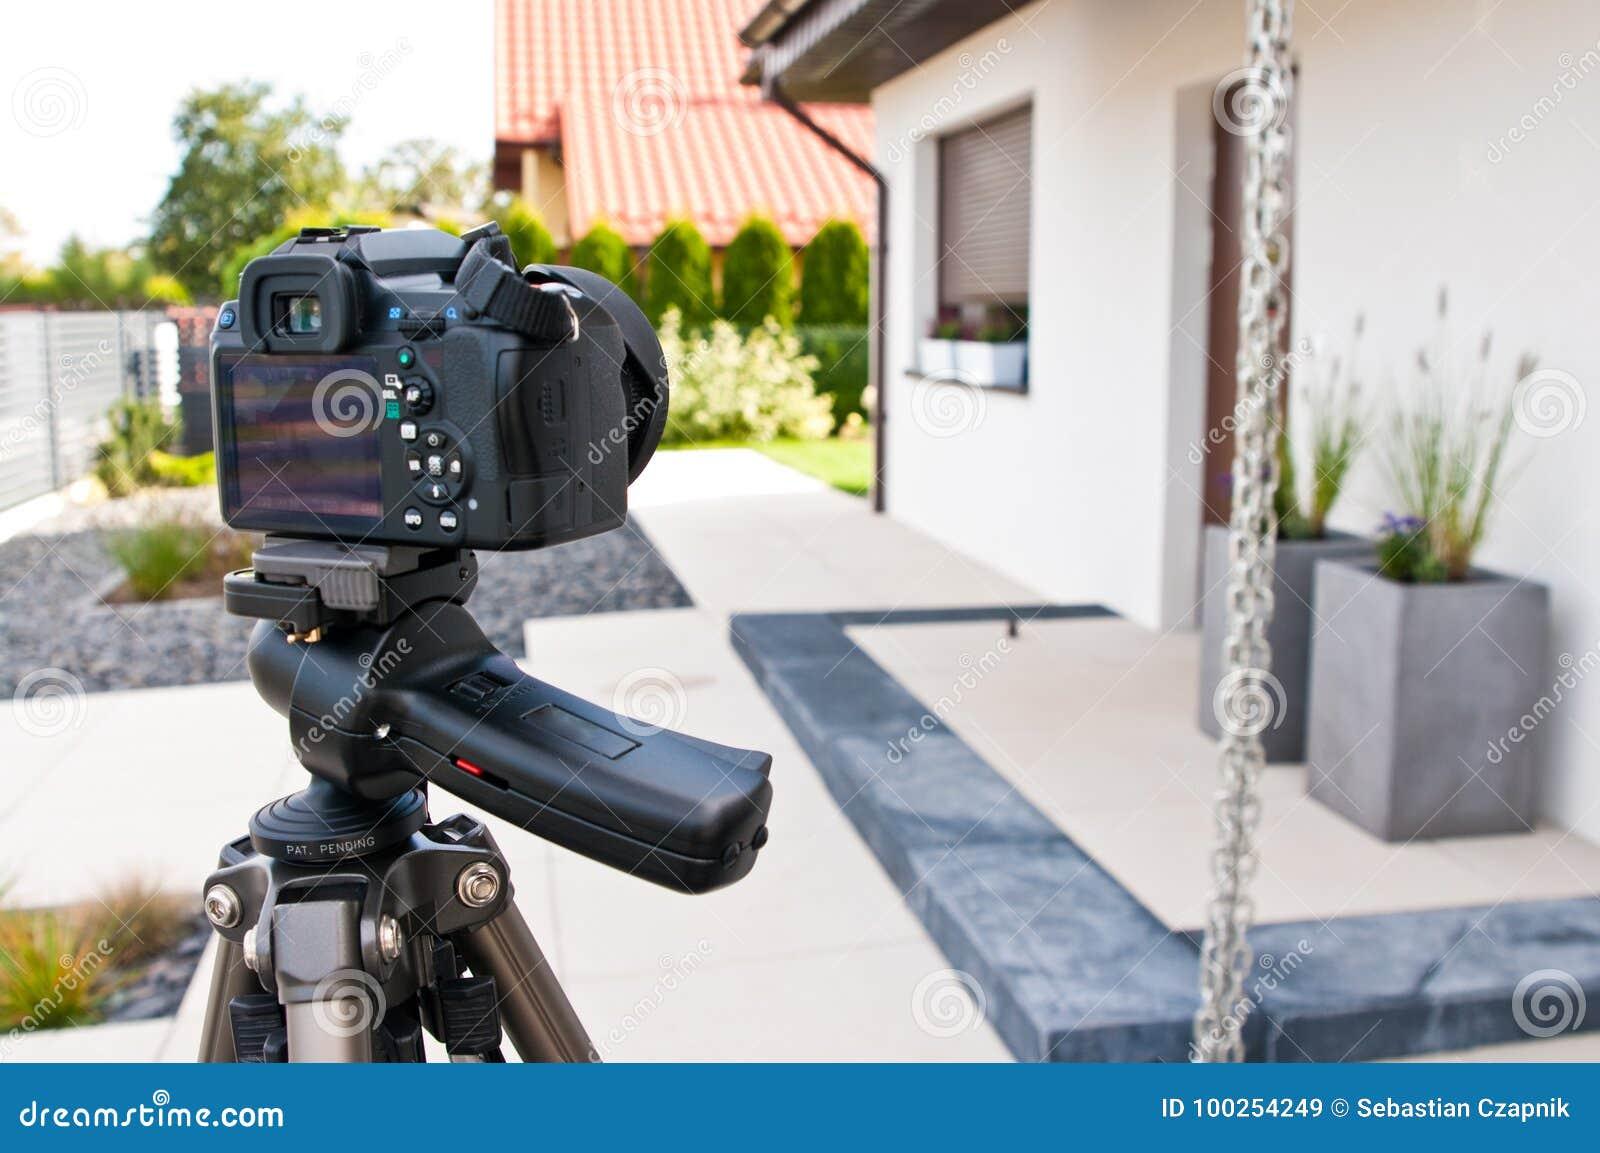 射击房子外部、摄影师照相机、三脚架和ballhead